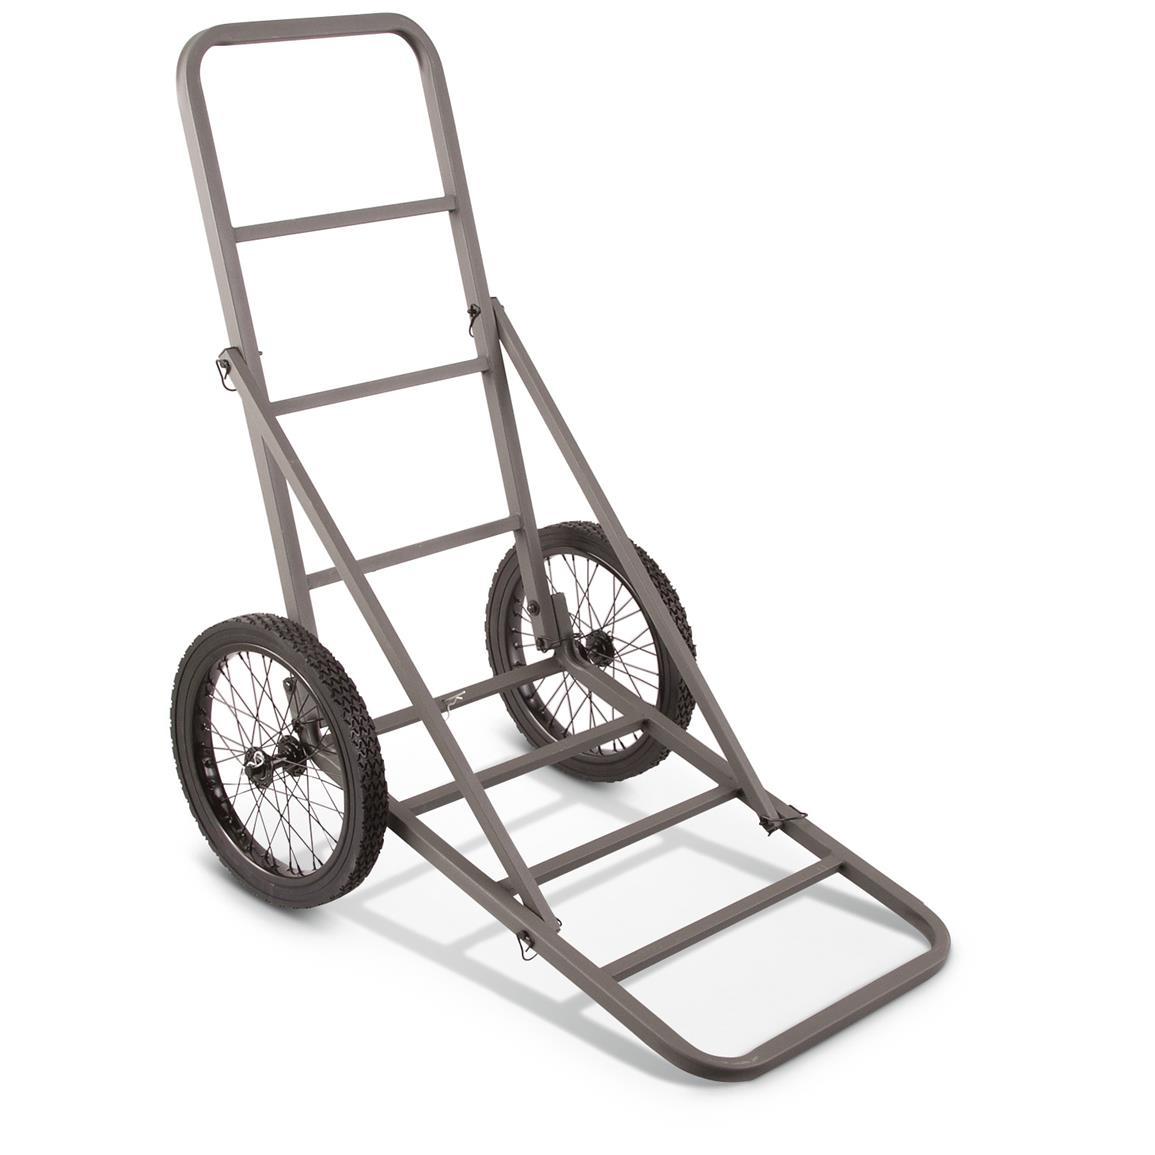 狩猟メモ: ゲームカート(game cart)を調べる